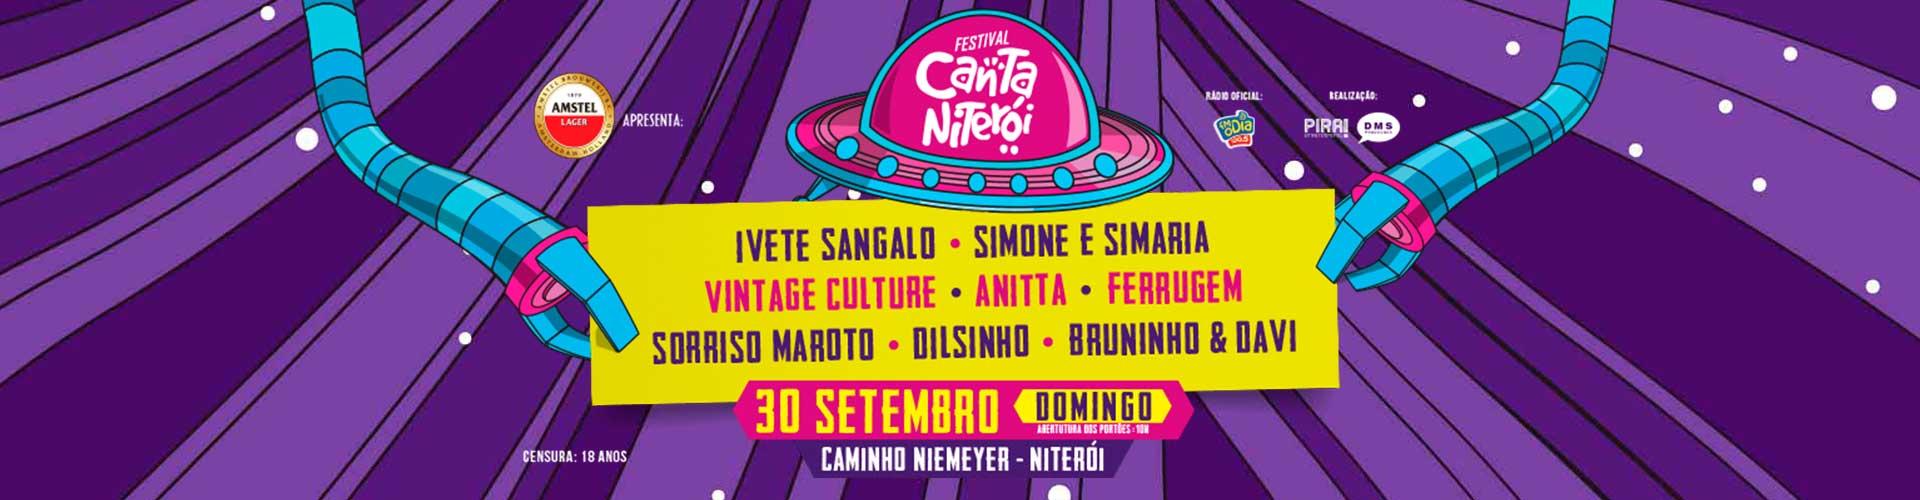 Canta Niteroi - 30/09/2018